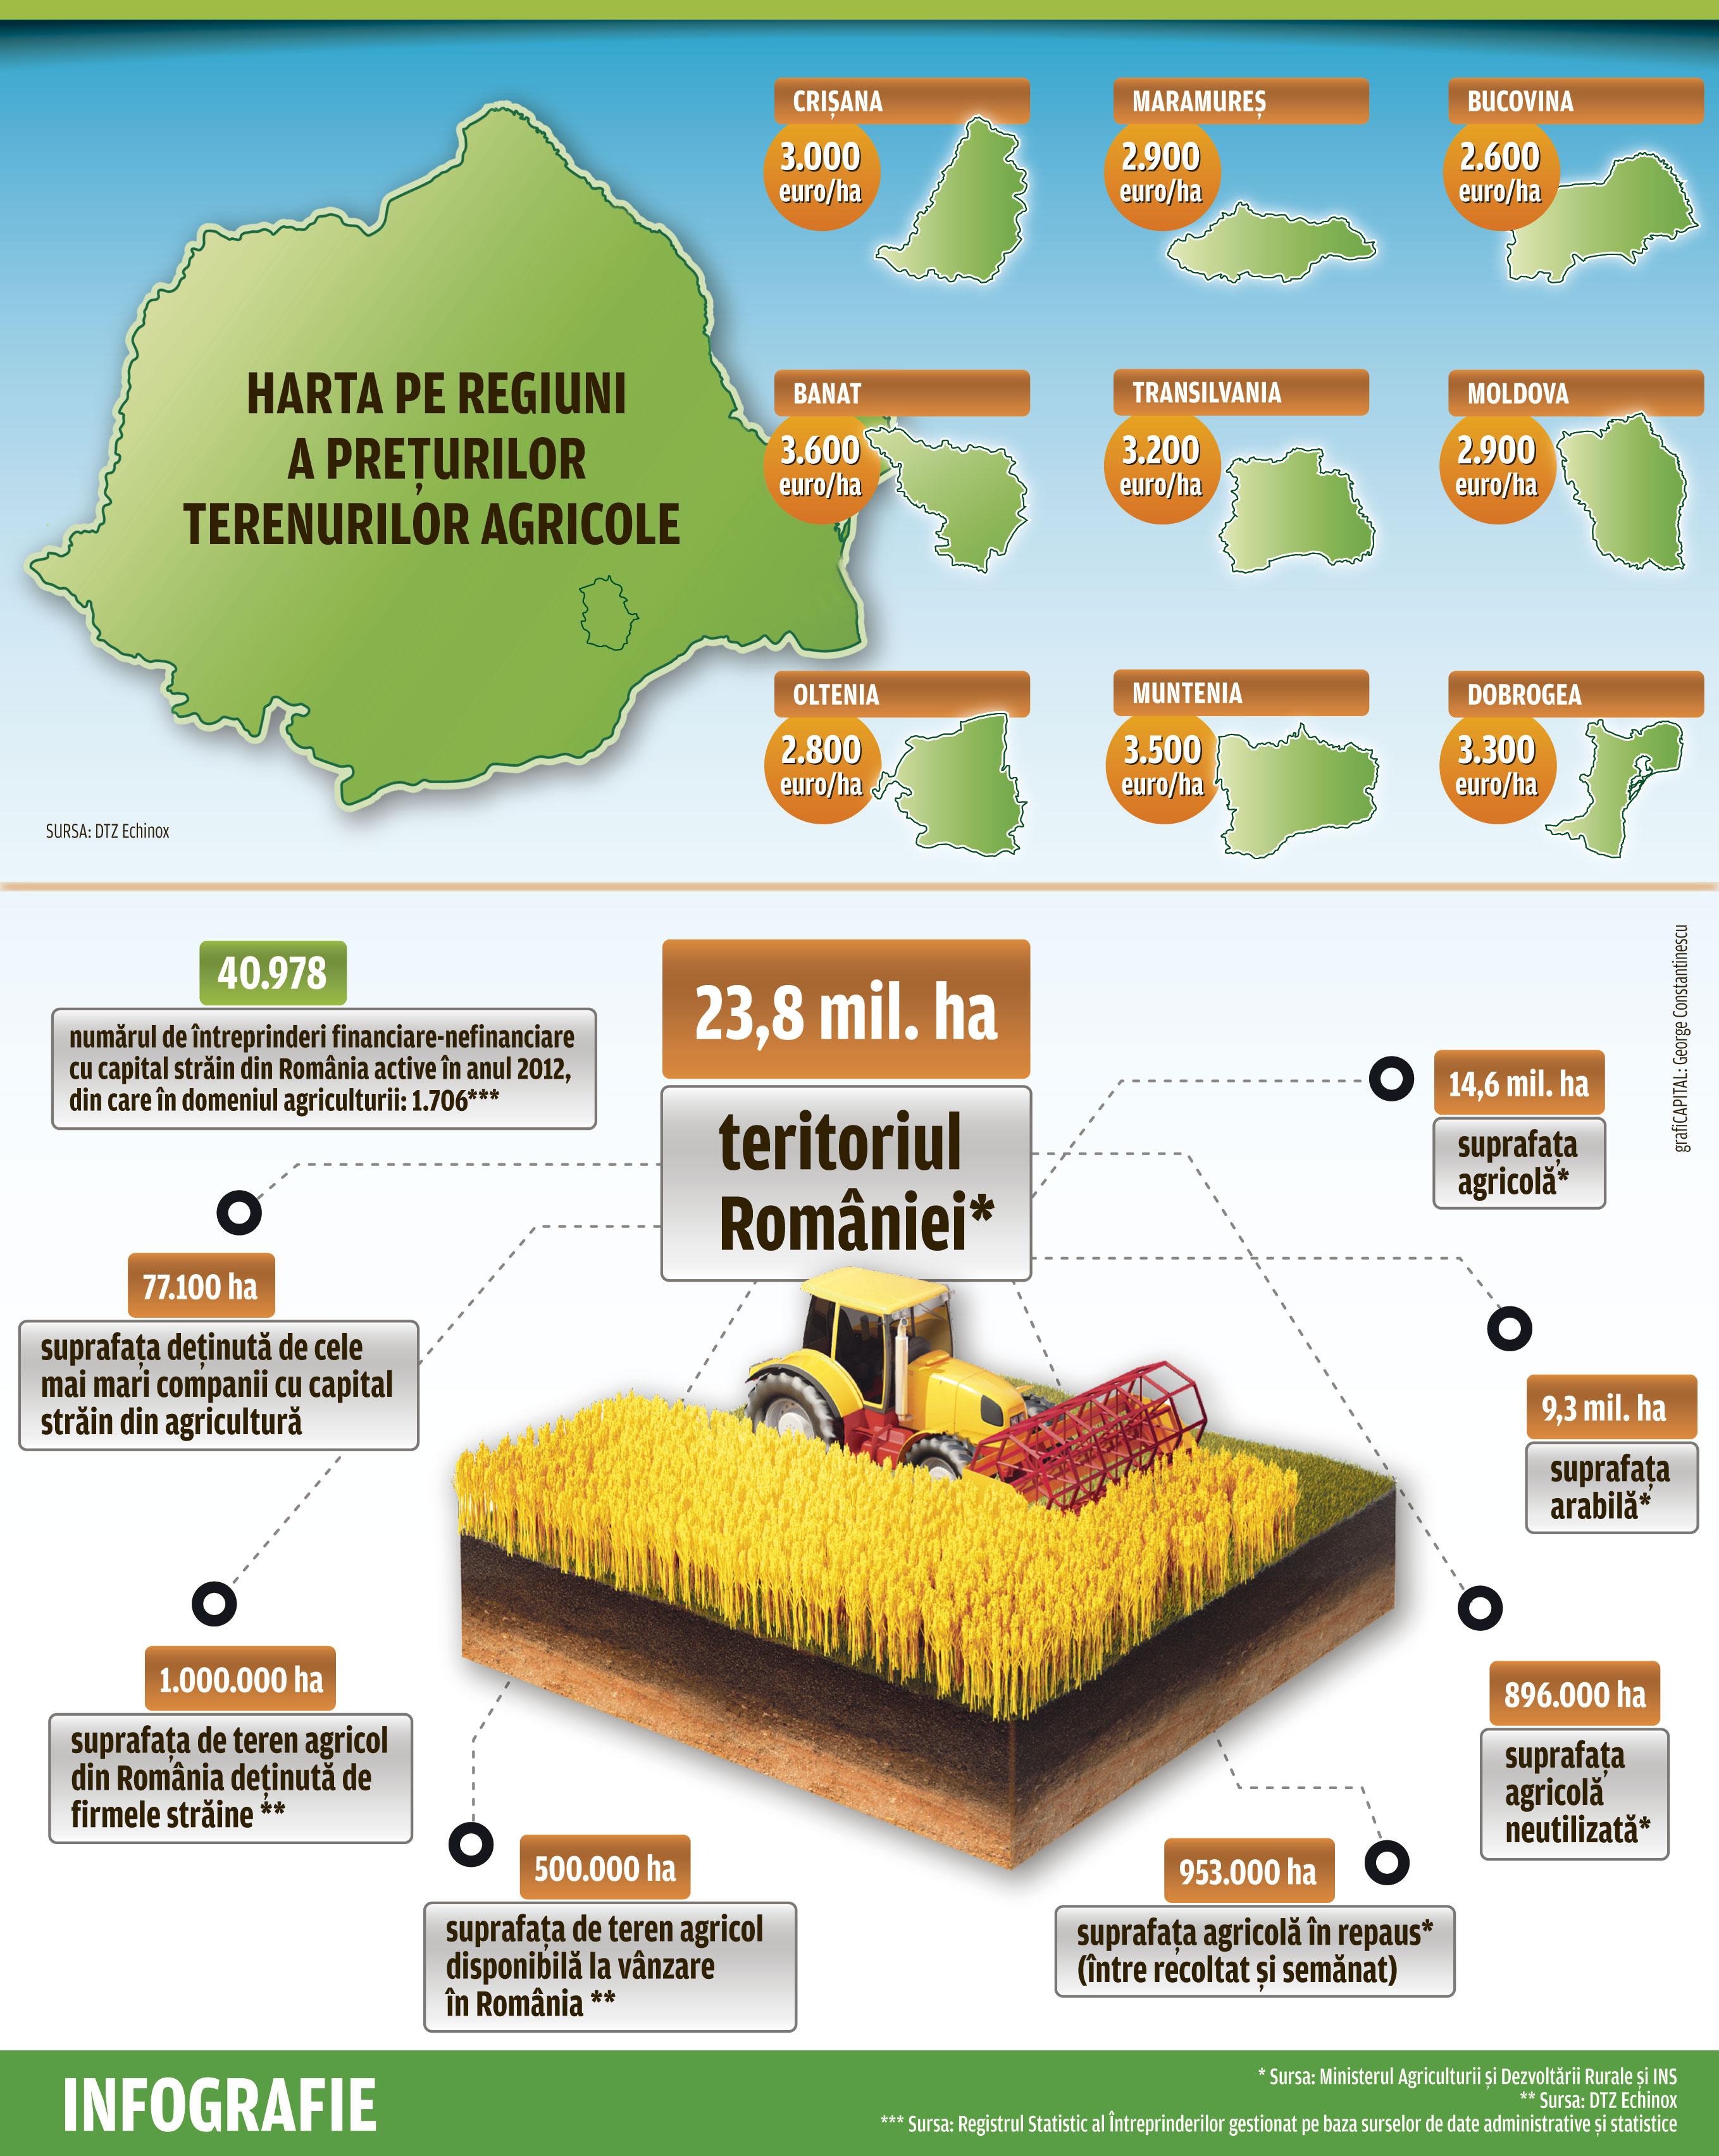 Harta Pe Regiuni A Prețurilor Terenurilor Agricole Capital Ro